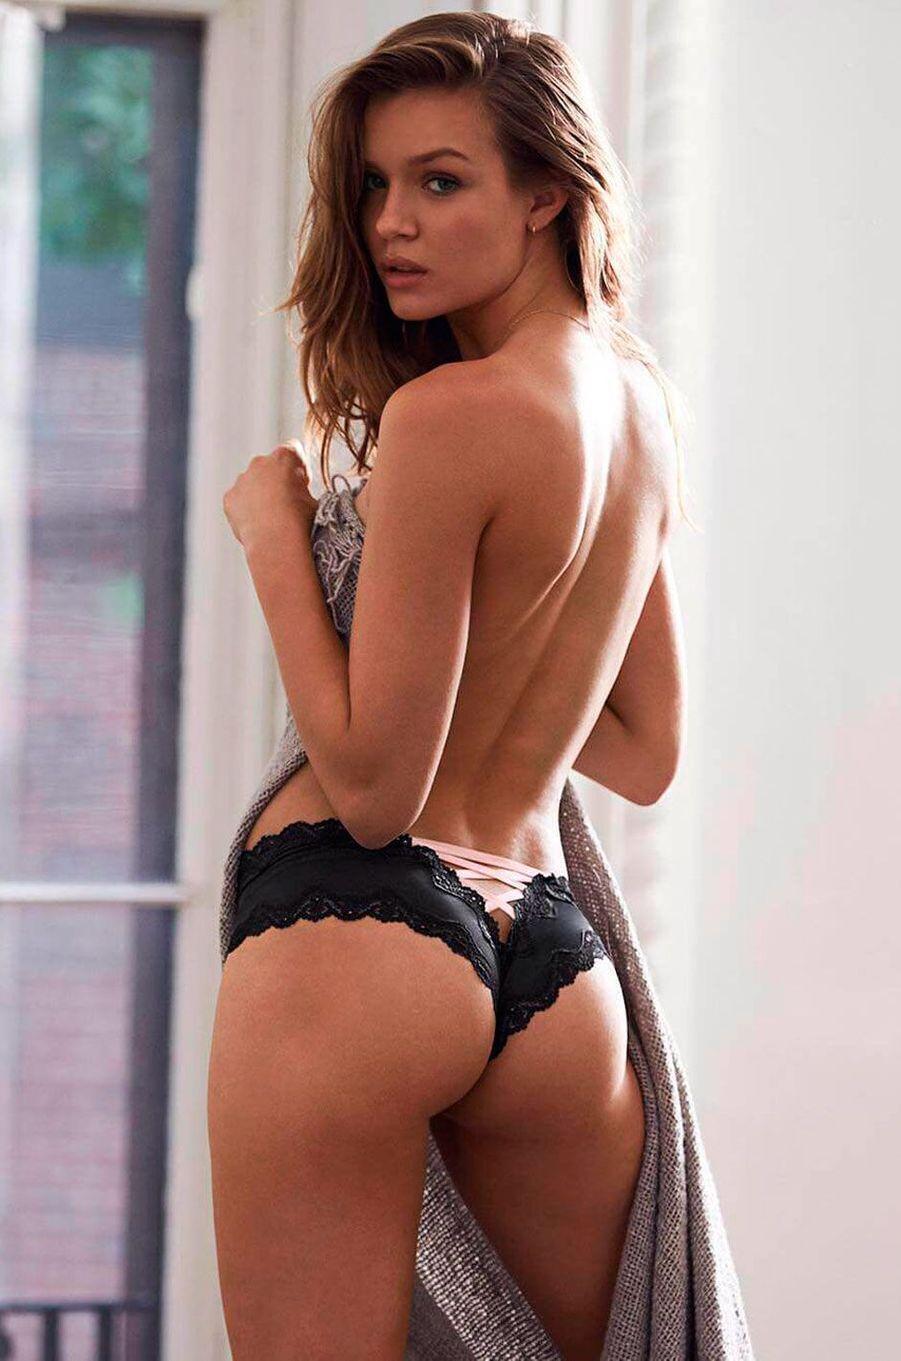 Josephine Skriver défilera pour la maison Victoria's Secret cette année